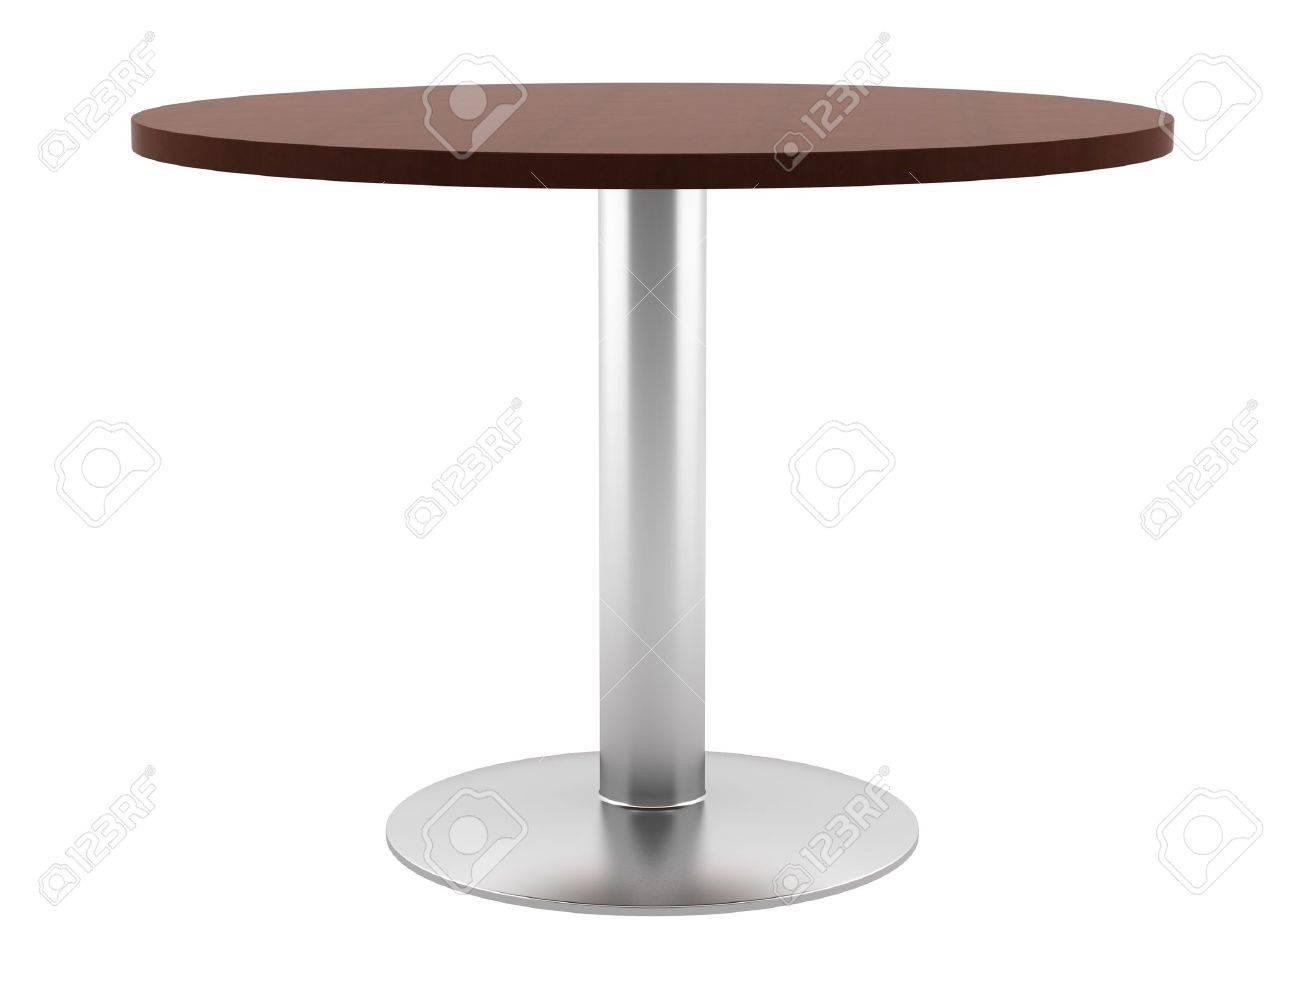 Witte Houten Ronde Eettafel.Moderne Bruine Houten Ronde Tafel Gea Soleerd Op Witte Achtergrond